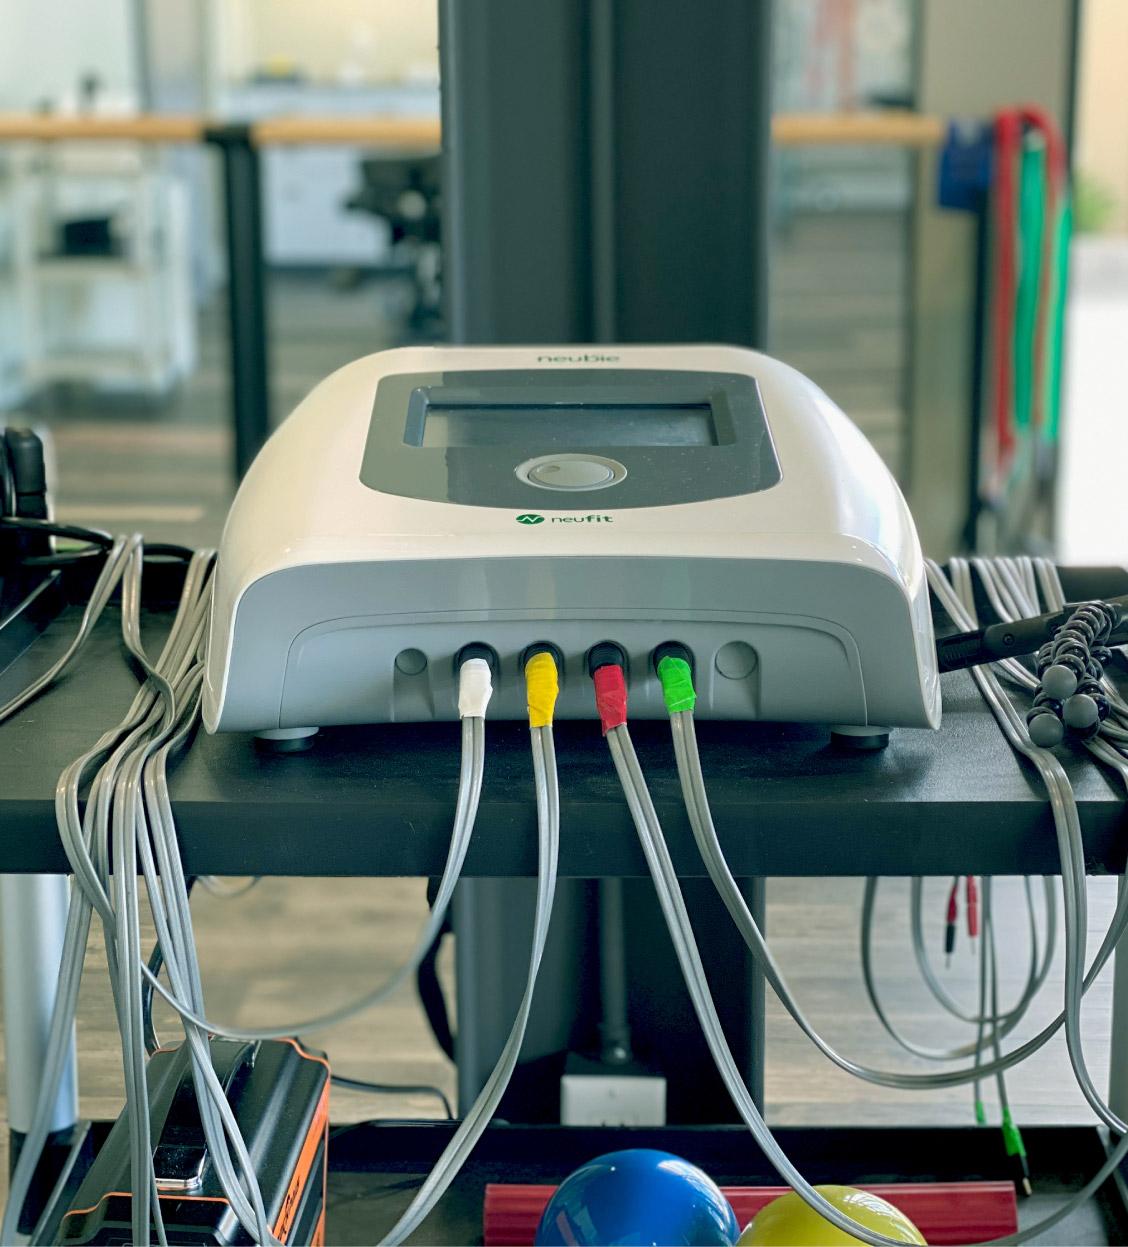 Neubie Therapy machine